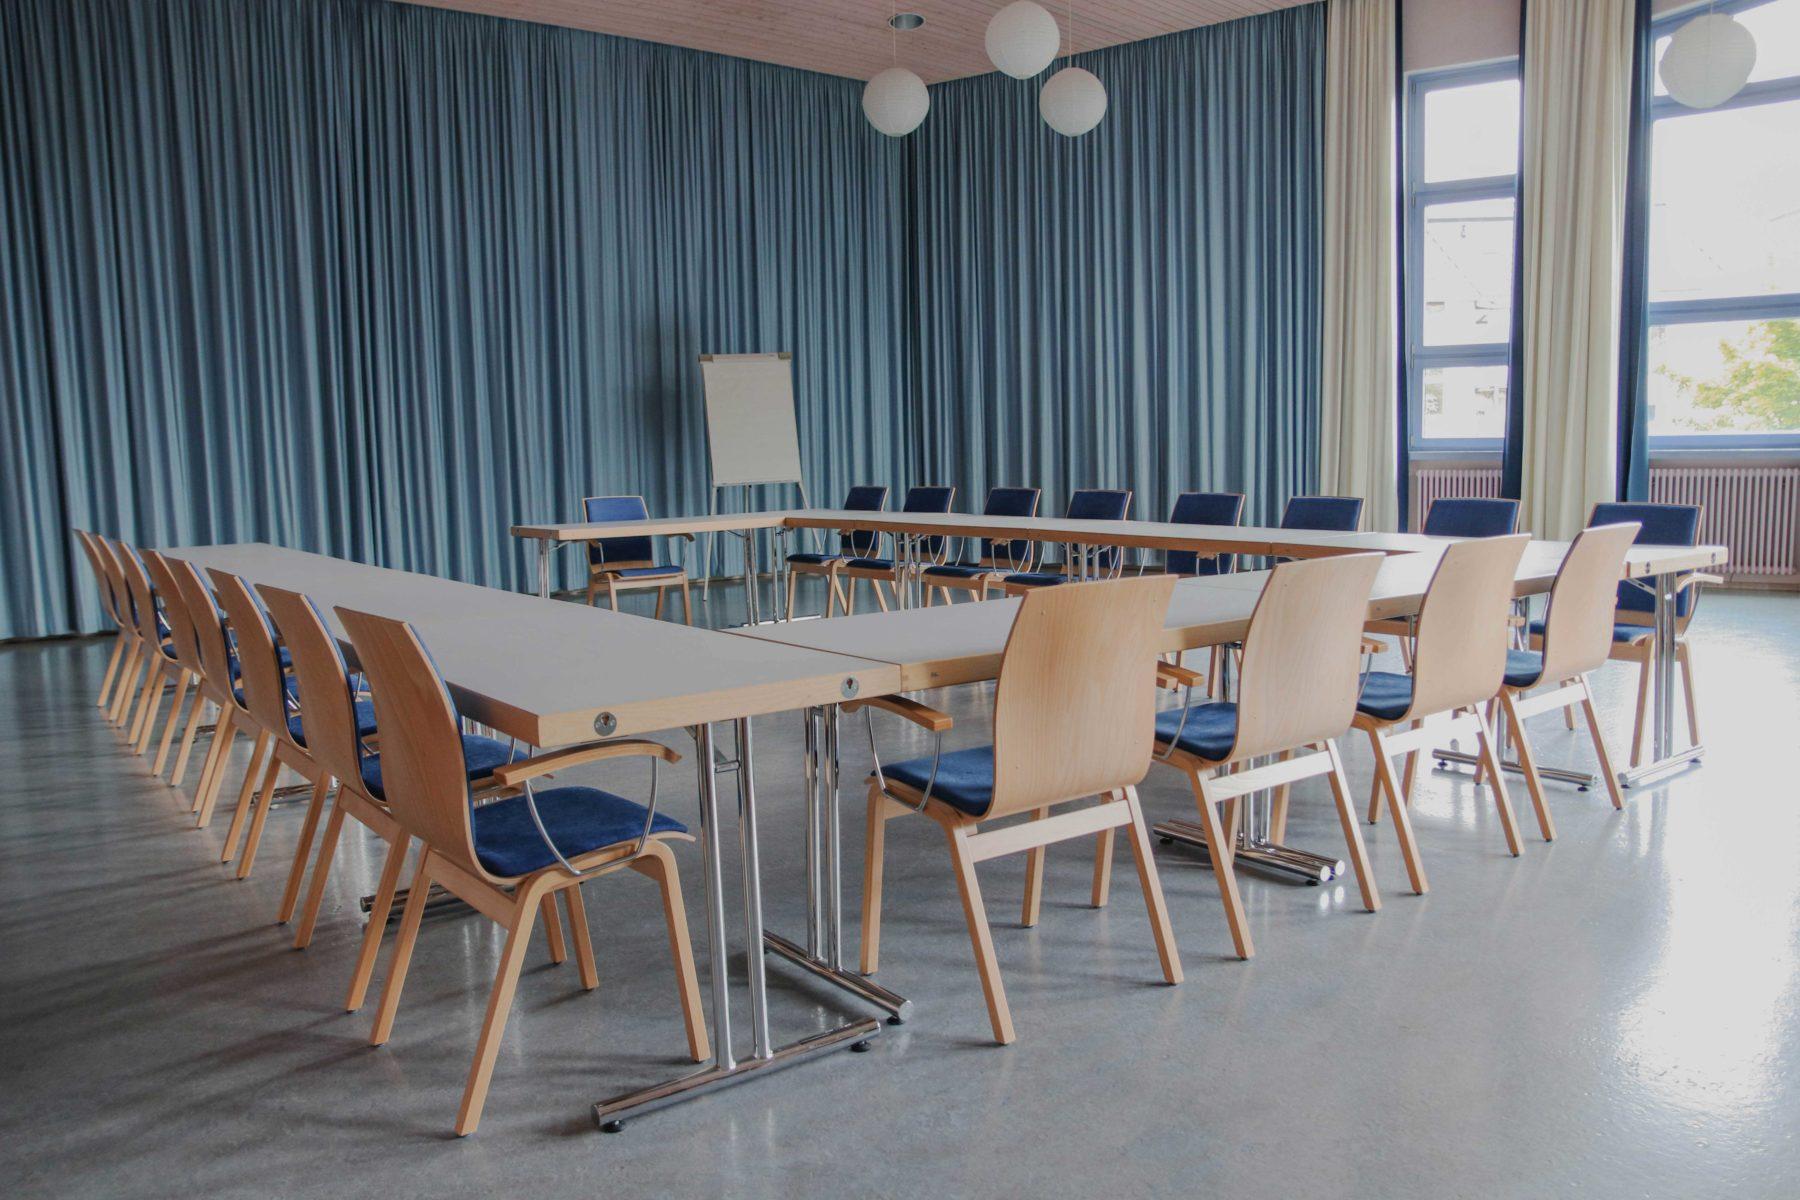 Tagungsräume mieten Kassel - Anthroposophisches Zentrum